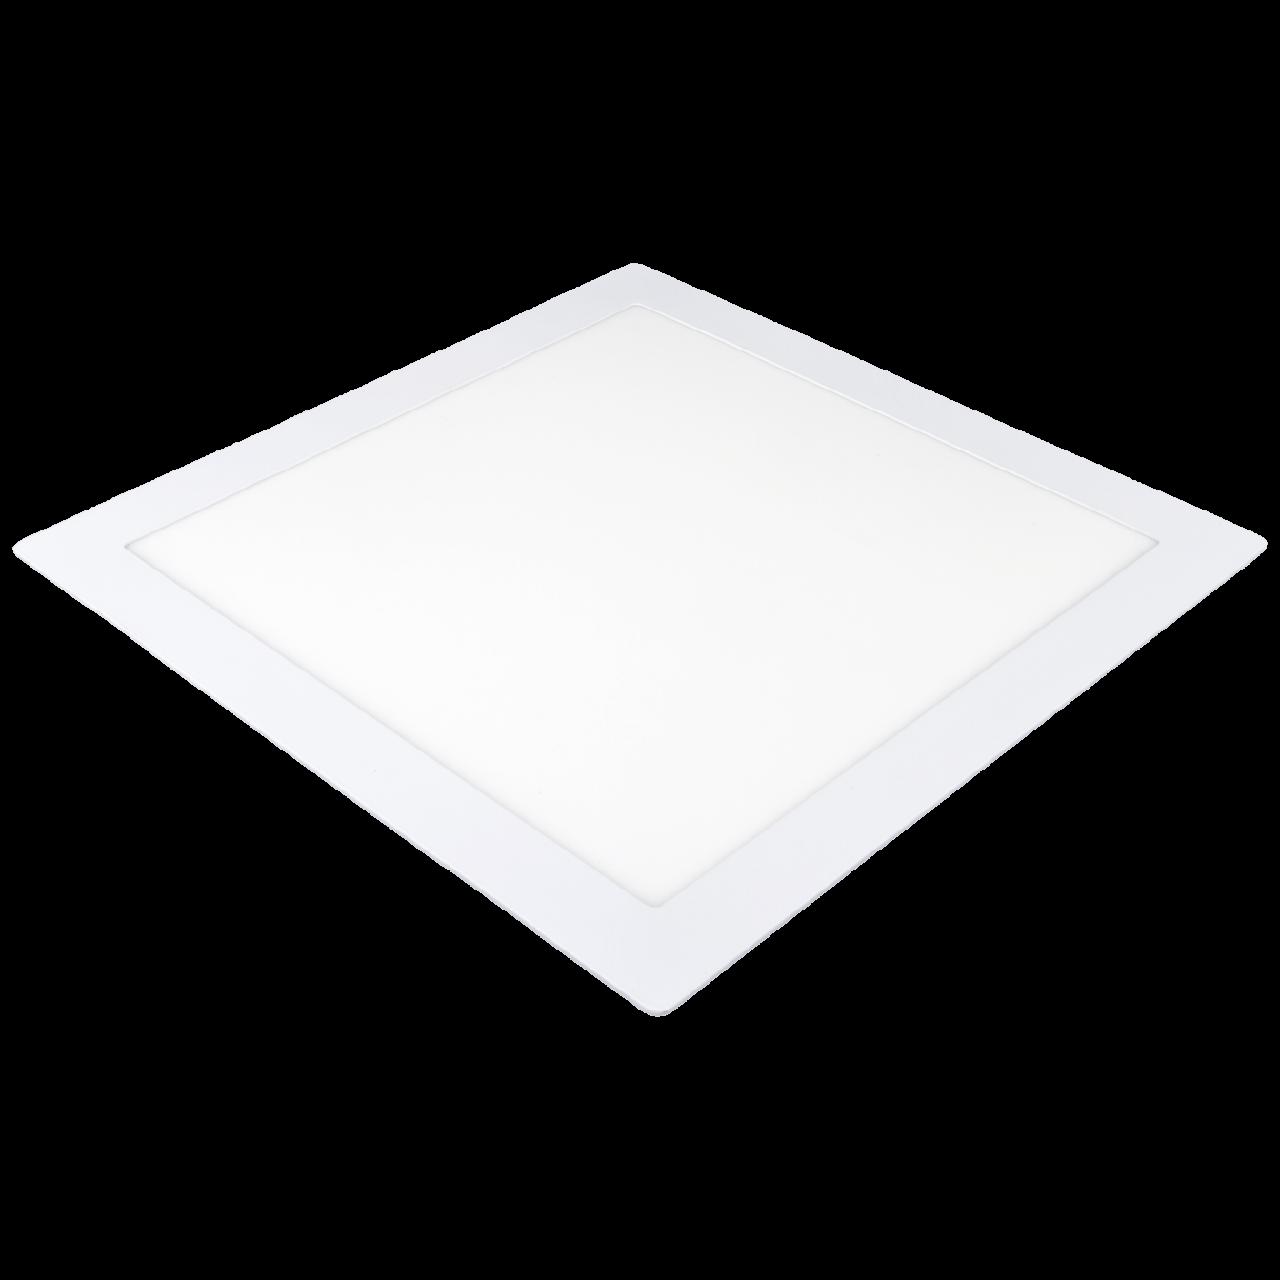 Светодиодный встраиваемый светильник Ilumia 24Вт, 295мм, 4000К (нейтральный белый), 1900Лм (034)